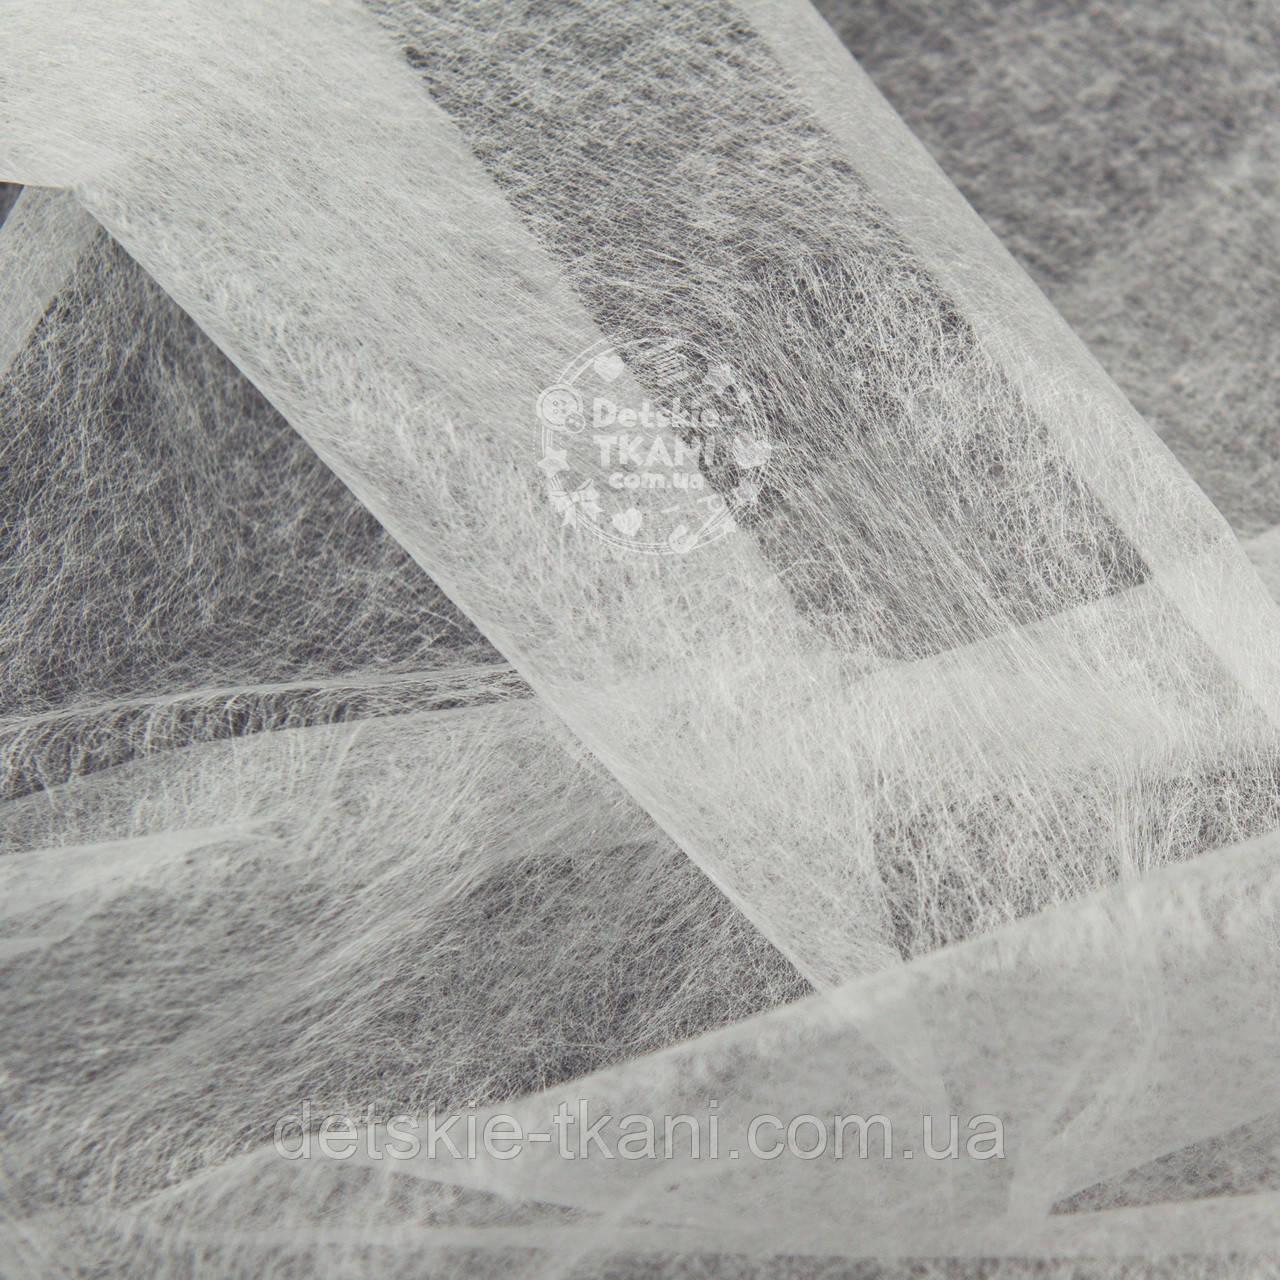 Клеевой двусторонний флизелин для аппликации (паутинка), цвет белый